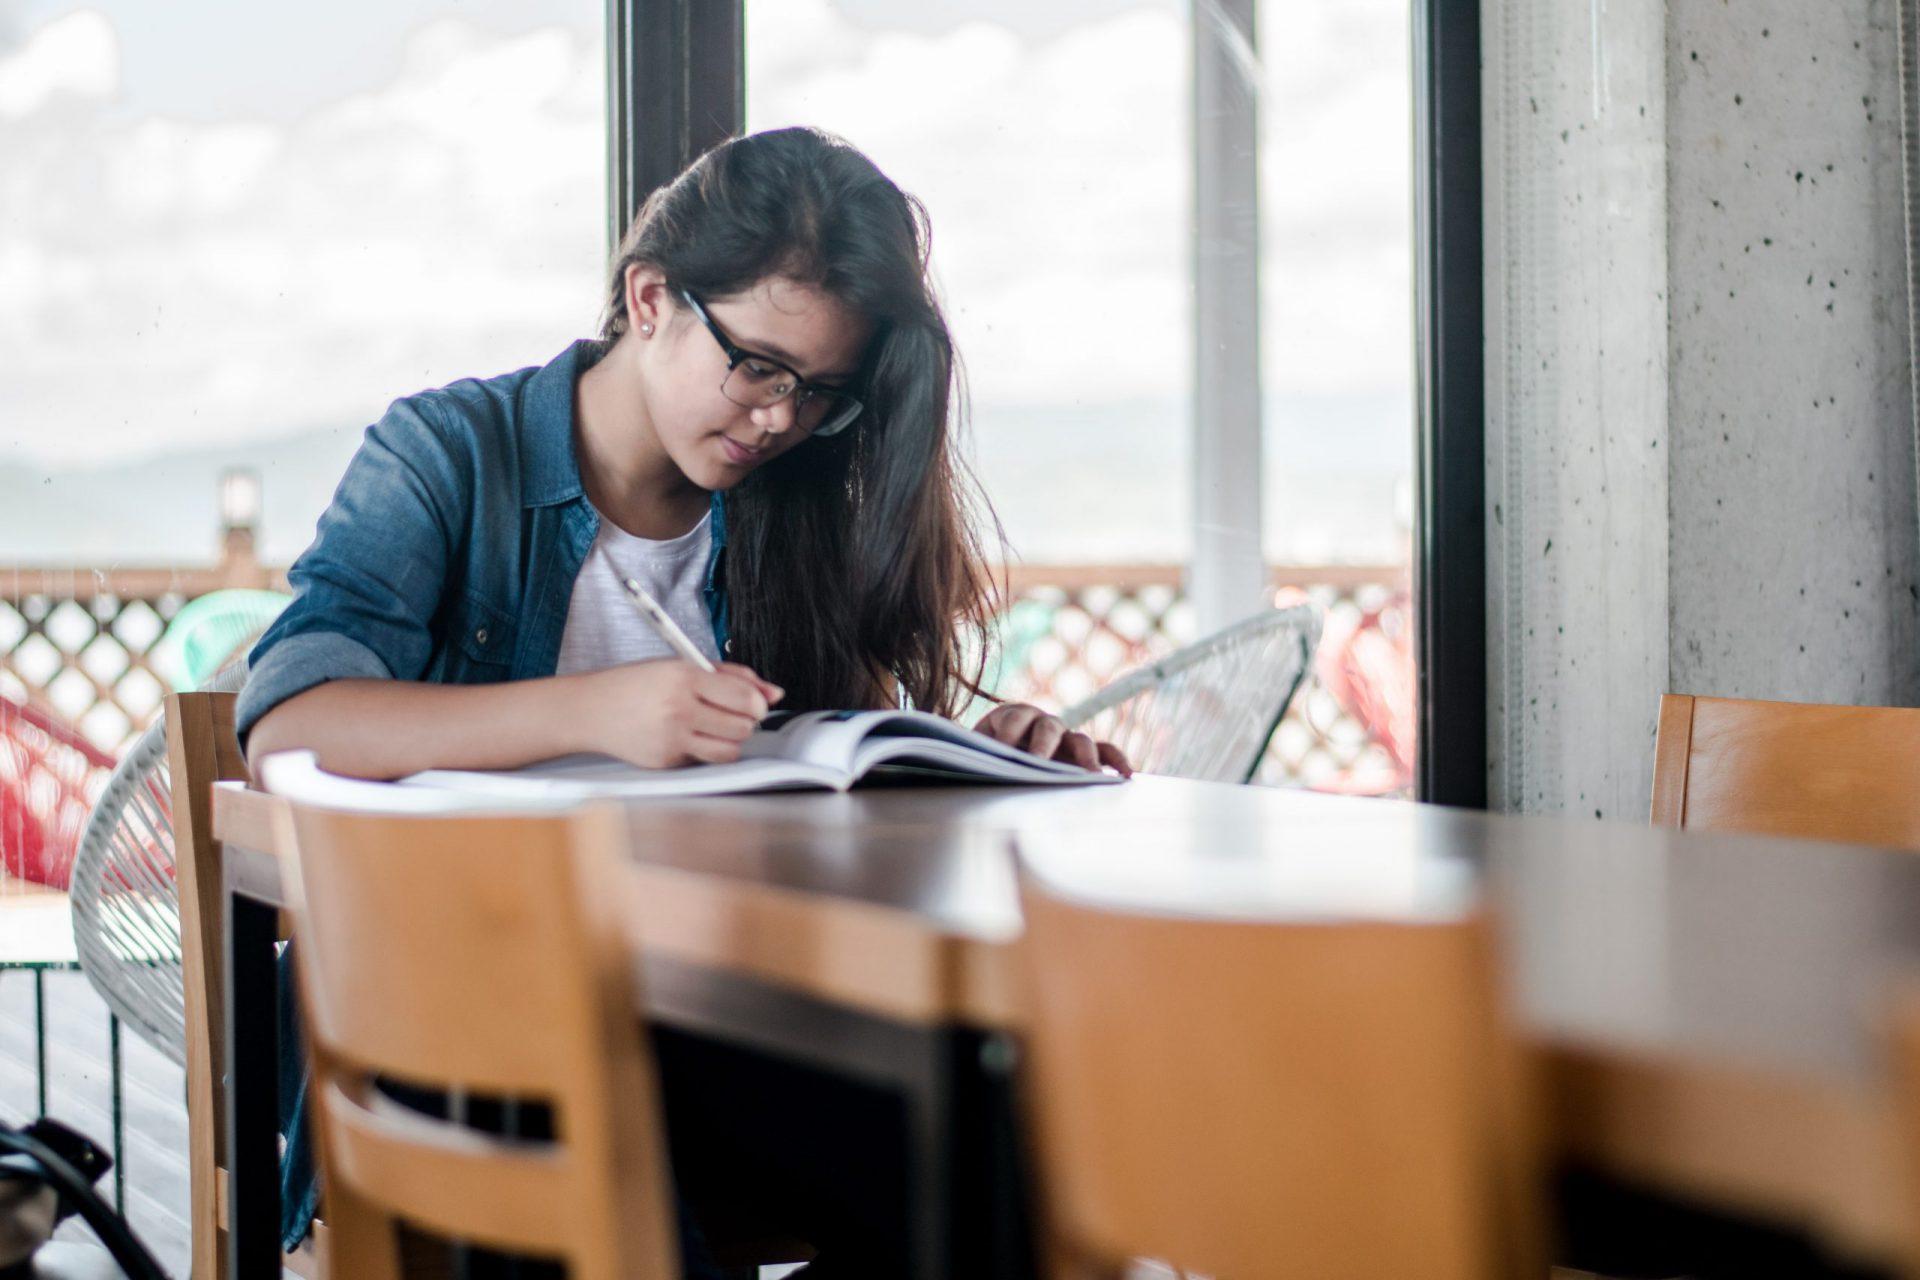 Eine Fraus sitzt an einem Tisch und arbeitet in einem Studienbuch